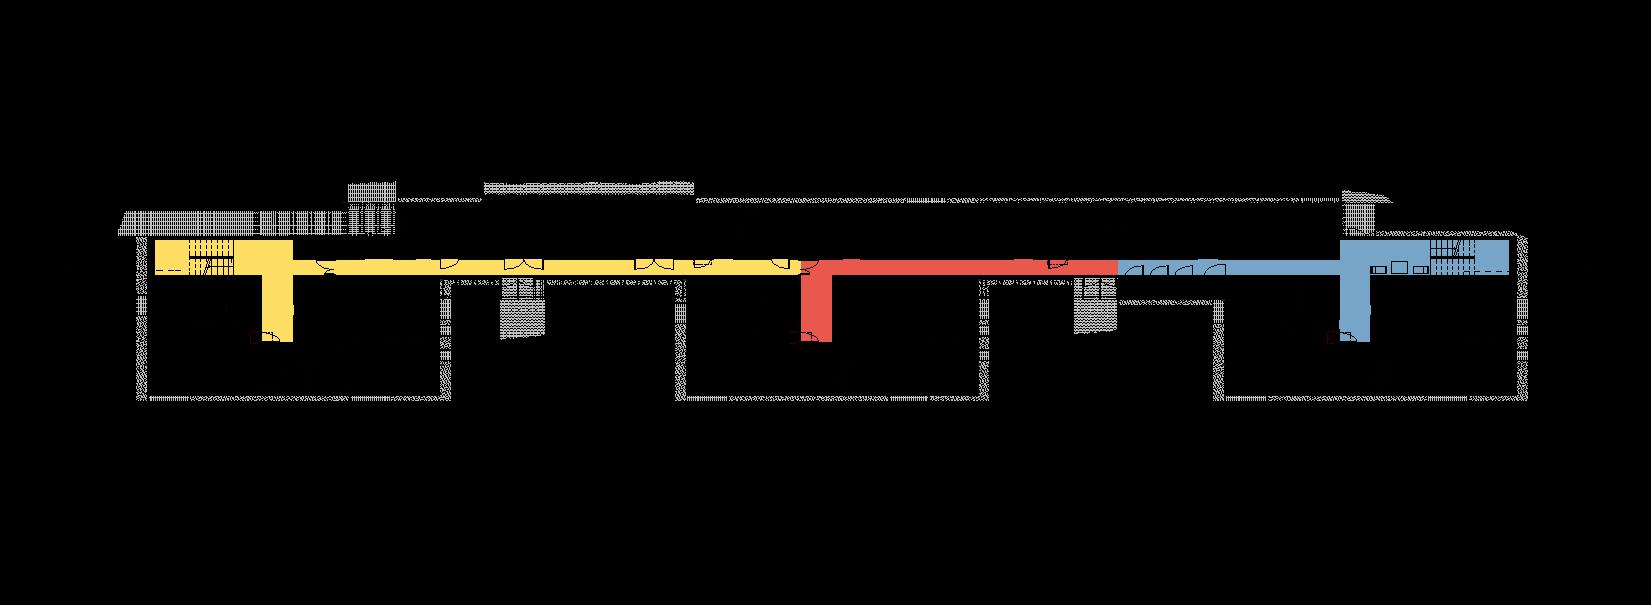 """Rys. 62. Rzut parteru zespołu segmentów mieszkalnych dla osób wpodeszłym wieku. """"Wytyczne wzakresie projektowania uniwersalnego mając nauwadze potrzeby osób niepełnosprawnych"""", Warszawa 2016 – ekspertyza wykonana przezFundację Laboratorium Architektury 60+ nazlecenie Ministerstwa Infrastruktury iBudownictwa"""